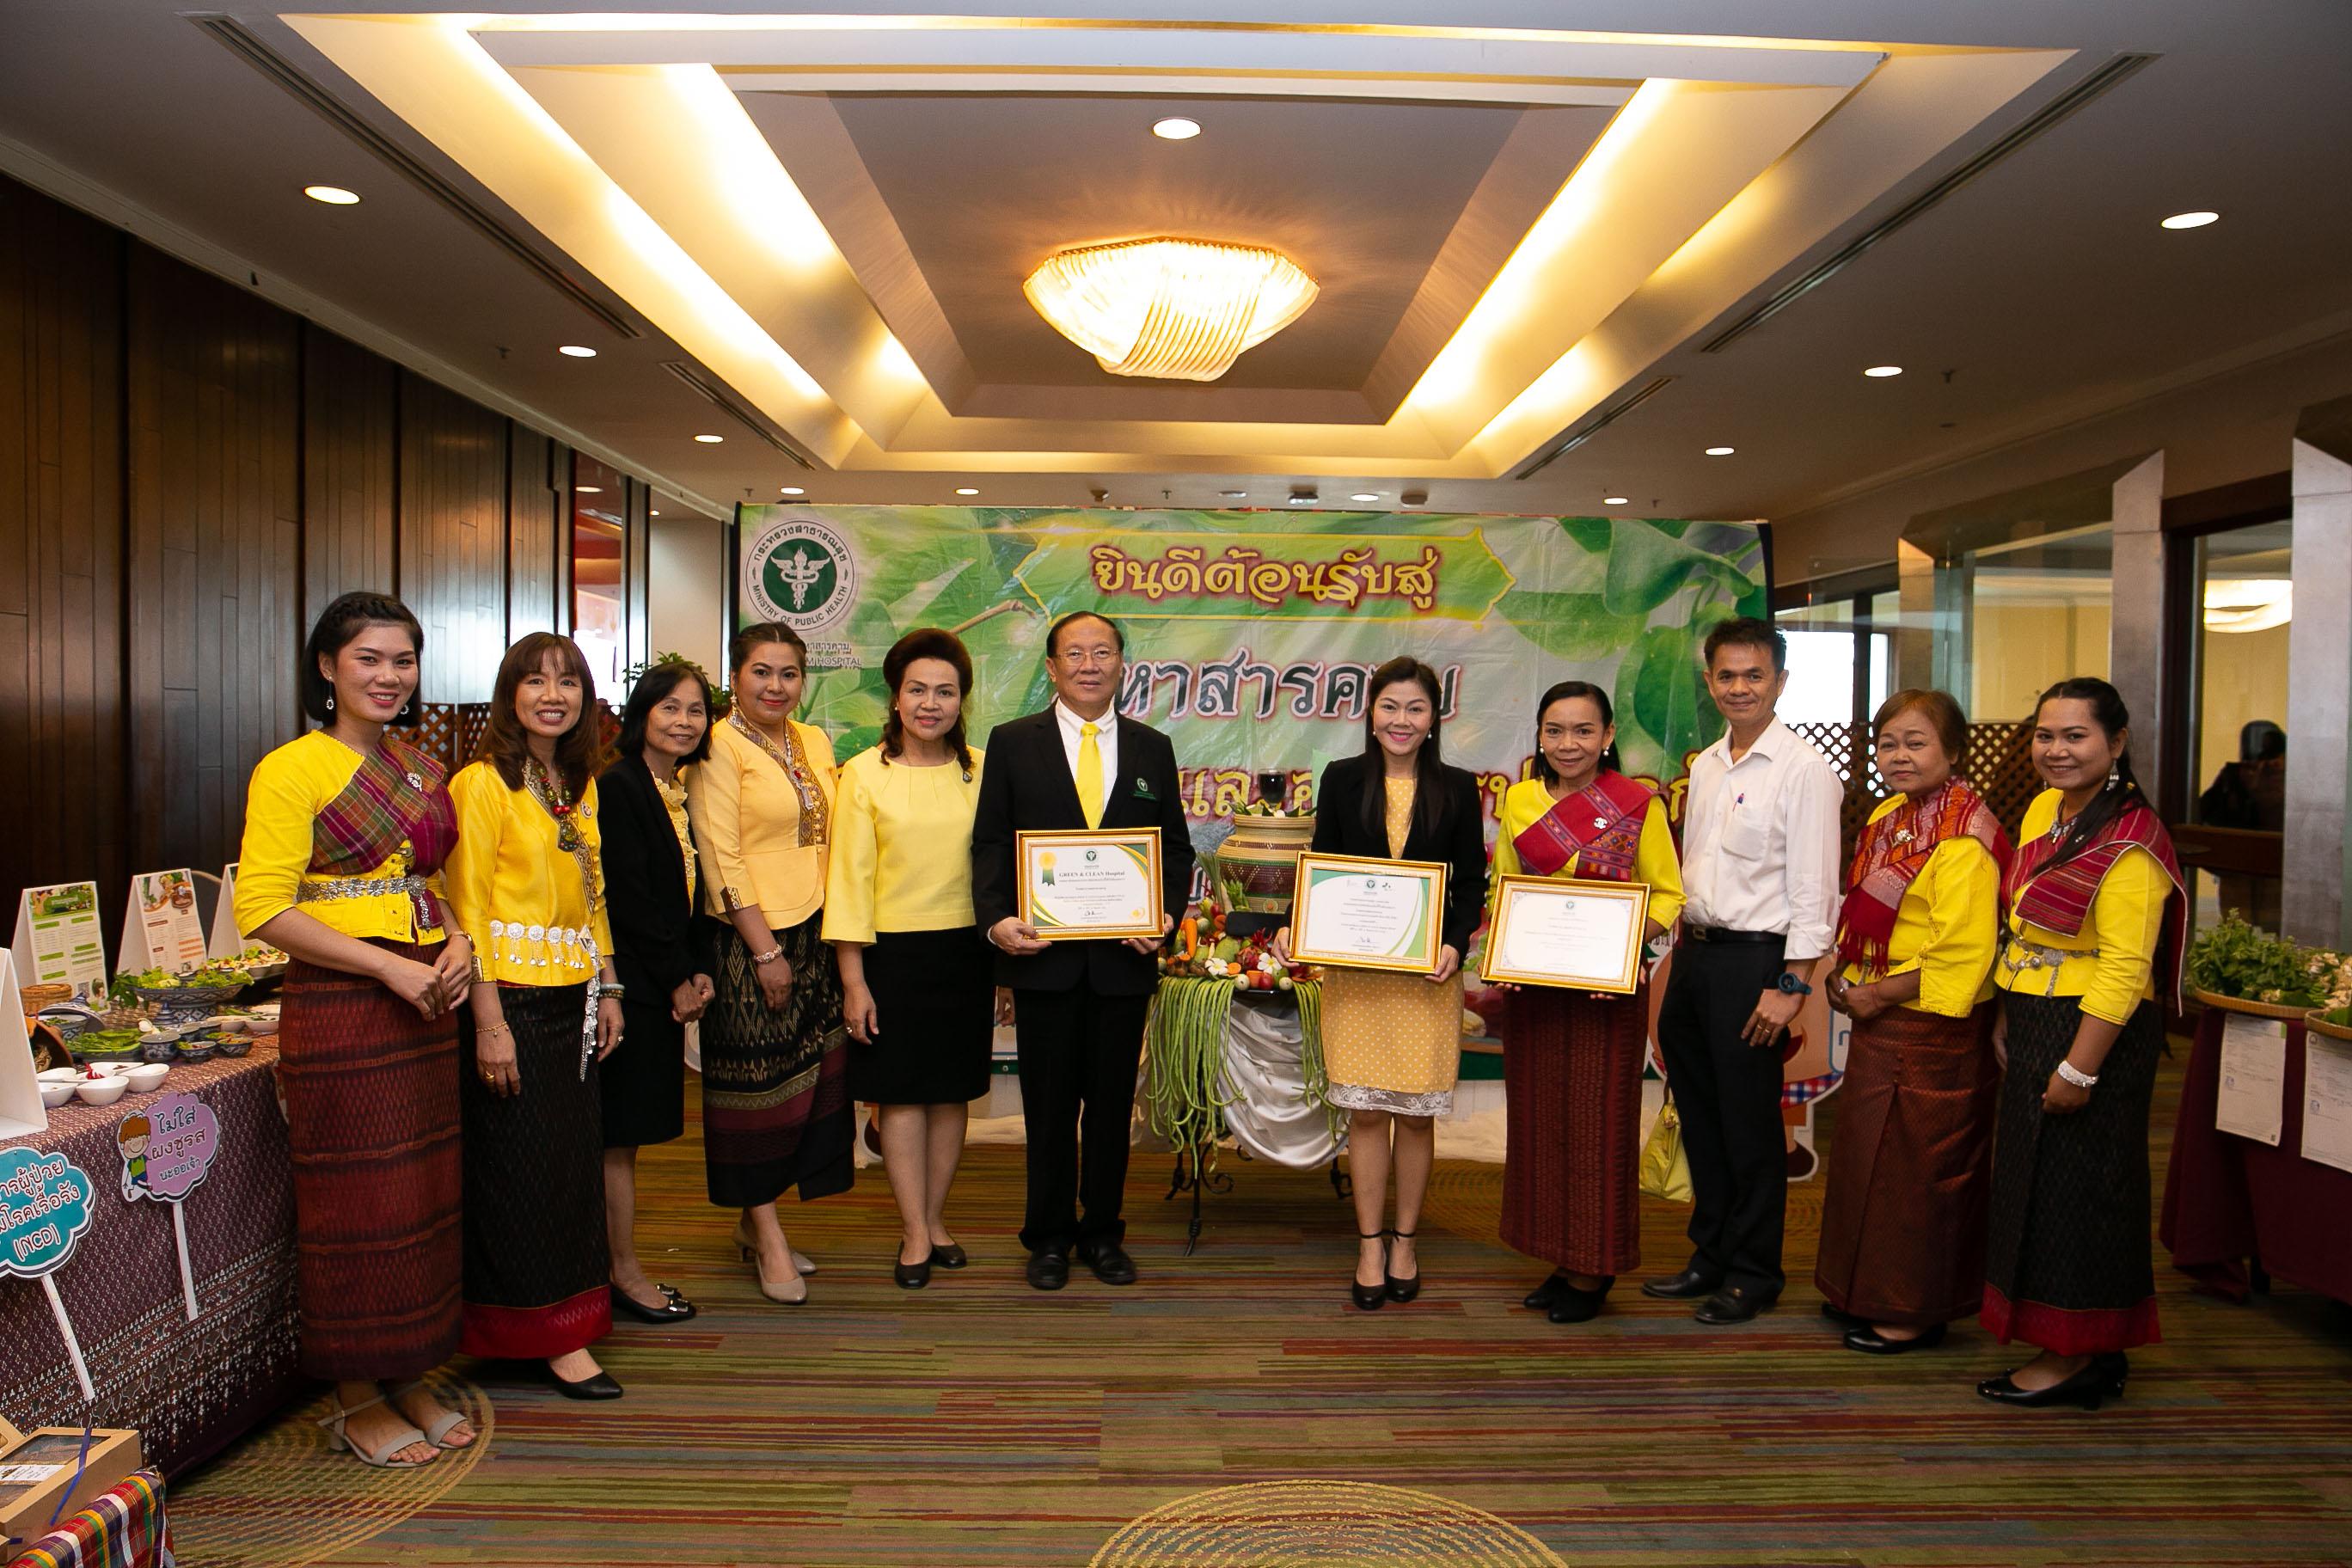 โรงพยาบาลมหาสารคาม รับ 3 รางวัล ในงานประชุมวิชาการ Green and Clean Hospital ระดับเขต